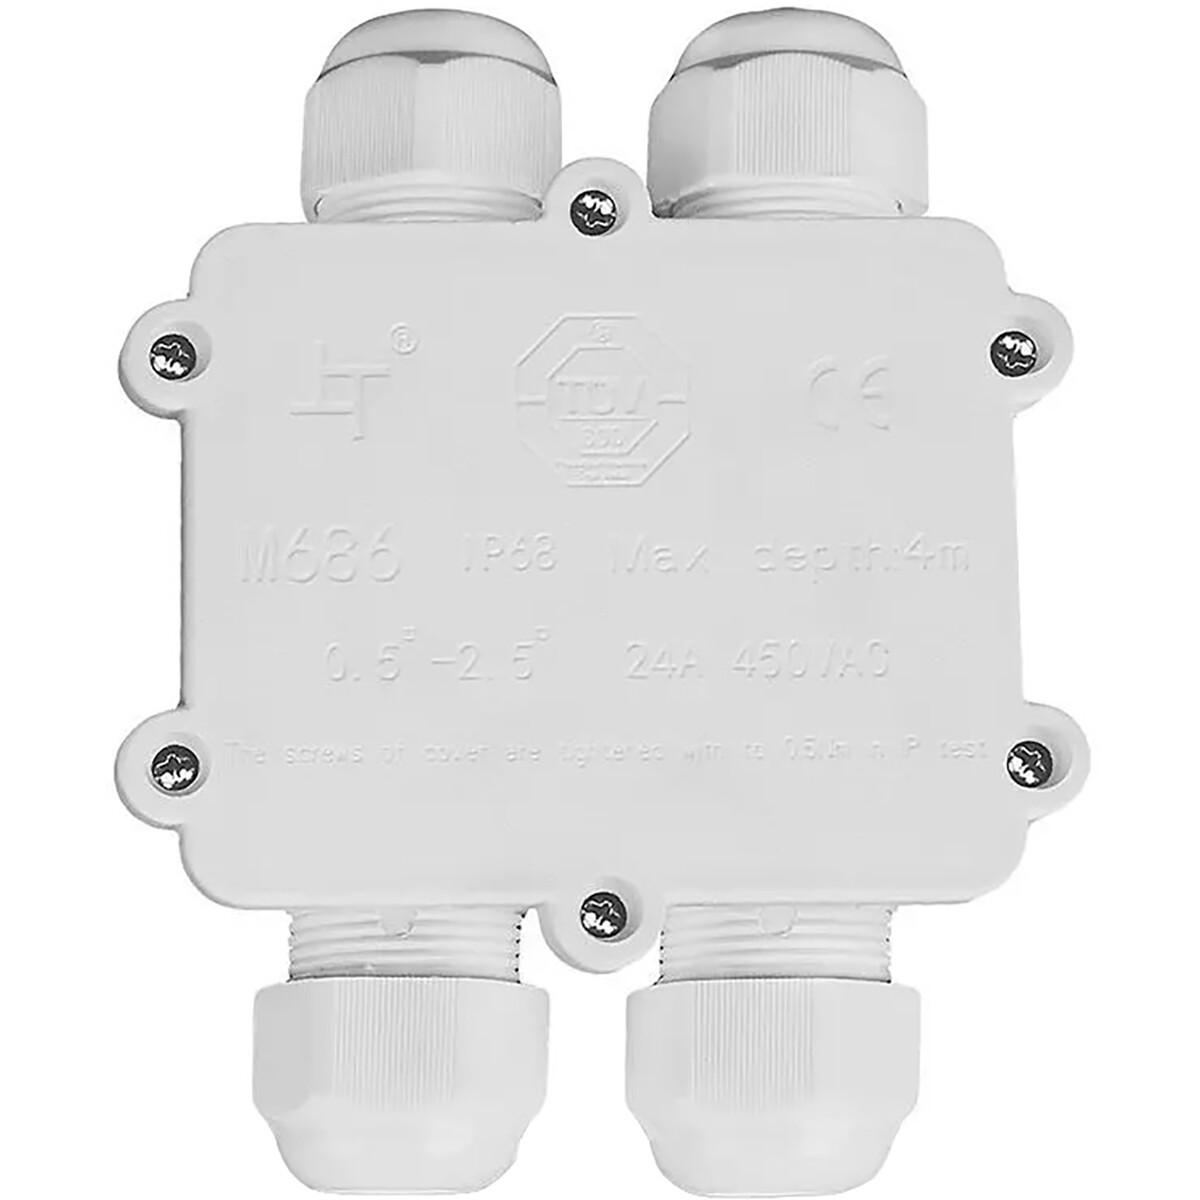 Kabelverbinder - Viron Thermy - Rechte 4-voudig Connector - Waterdicht IP68 - Mat Wit